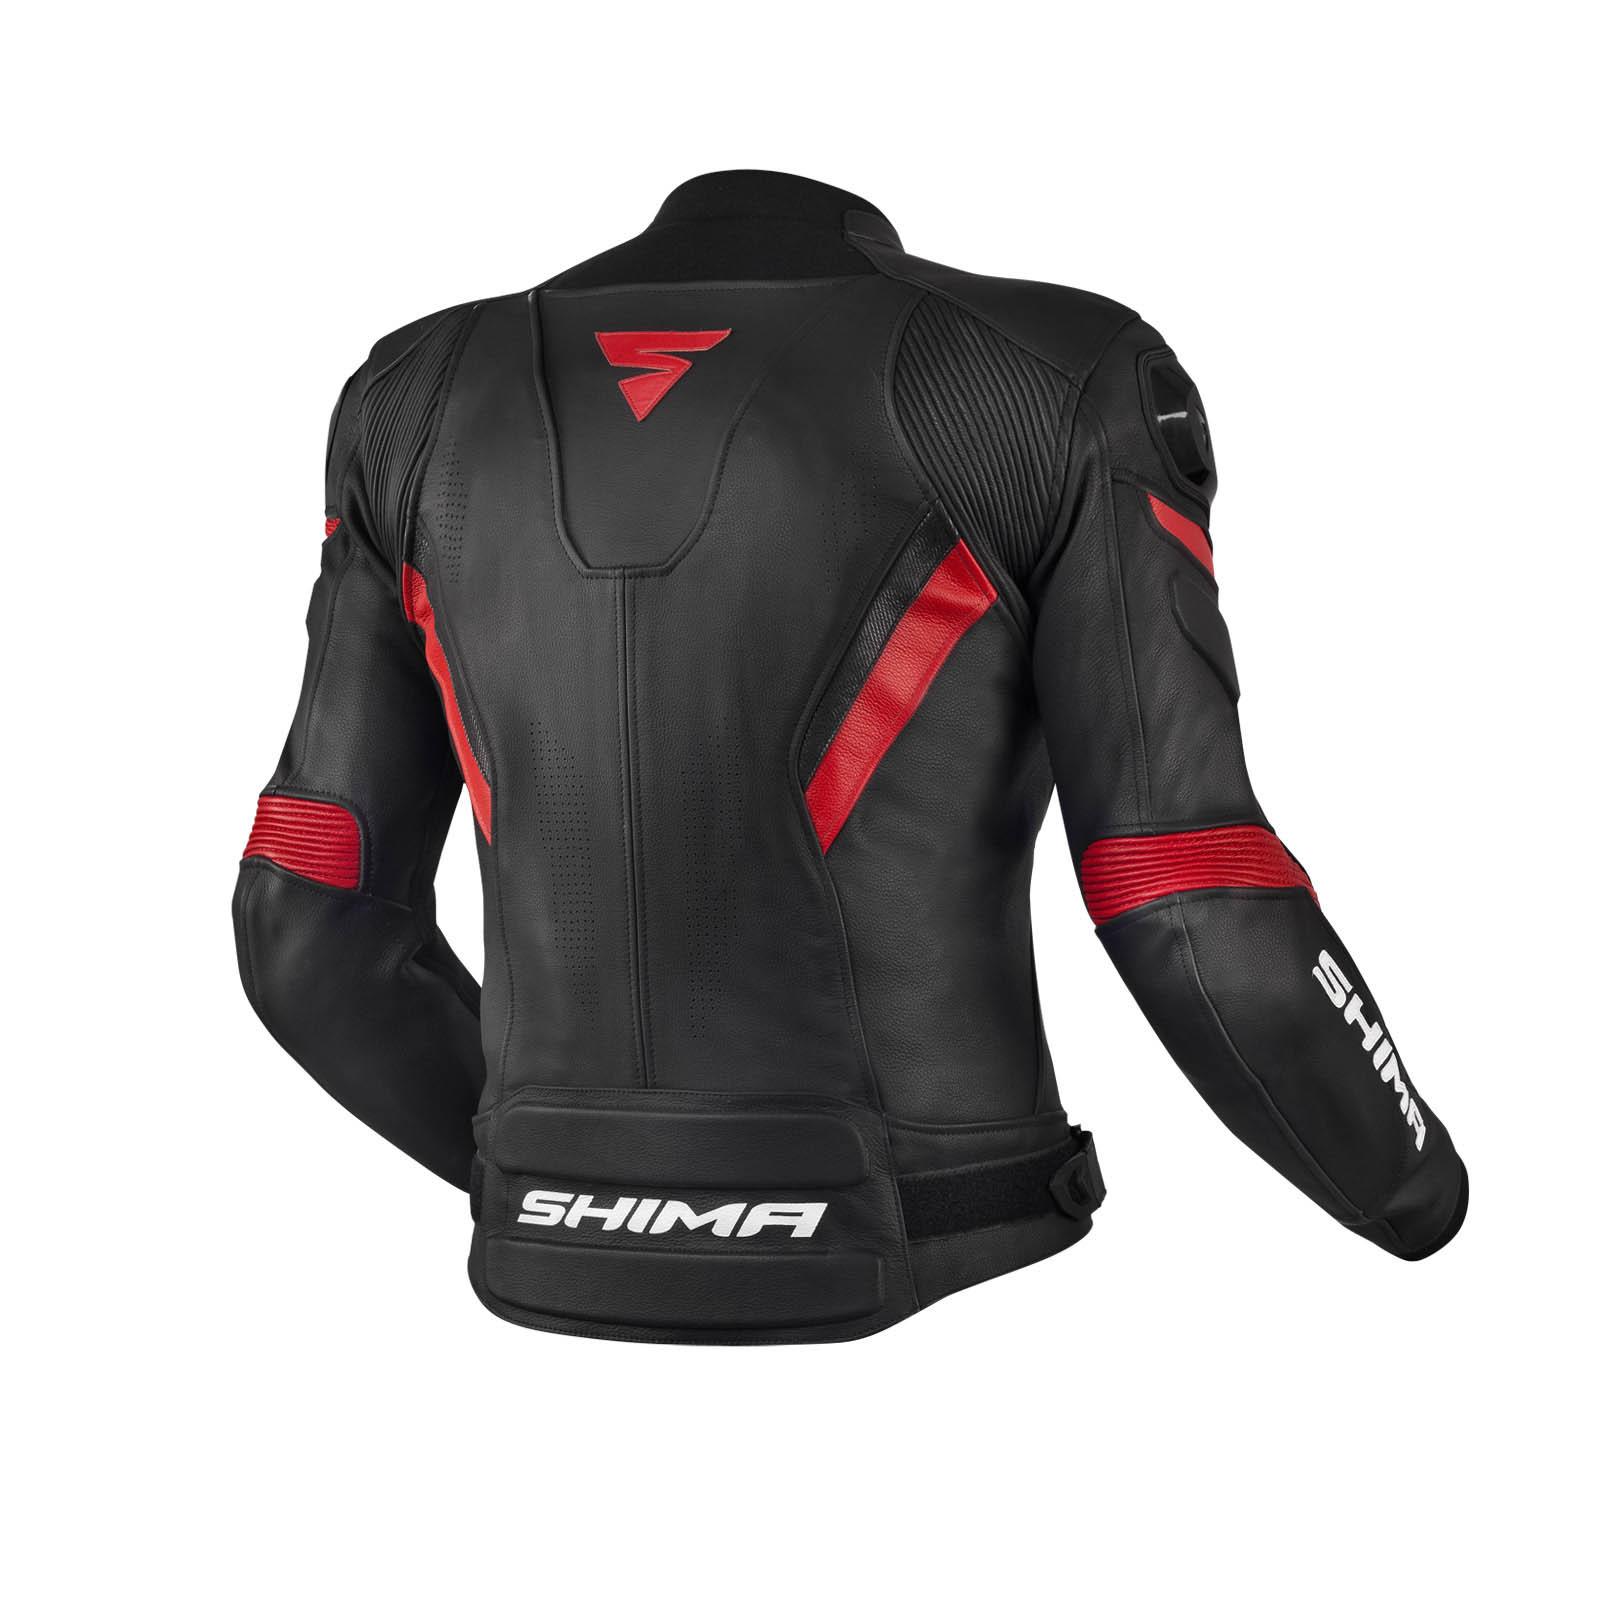 Спортивная куртка кожаная SHIMA CHASE вид сзади для мотоциклистов купить по низкой цене